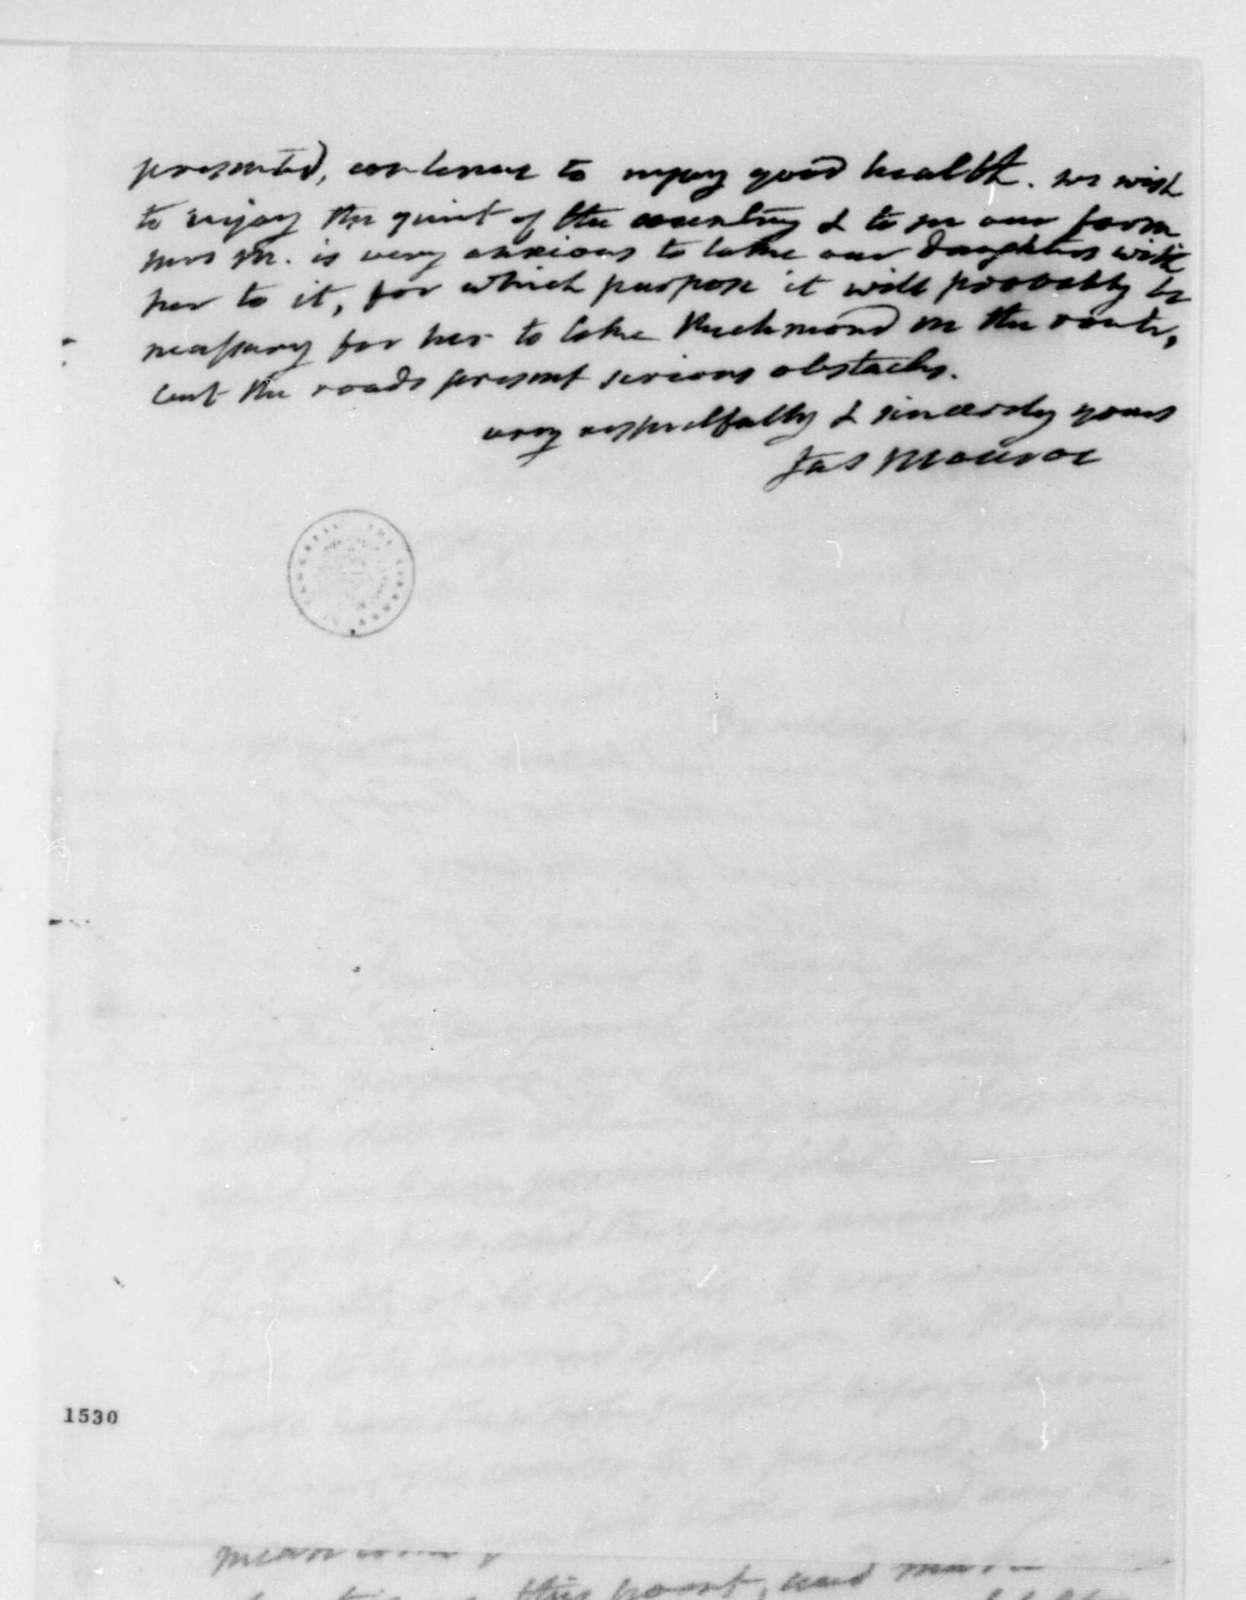 James Monroe to James Madison, May 11, 1814.